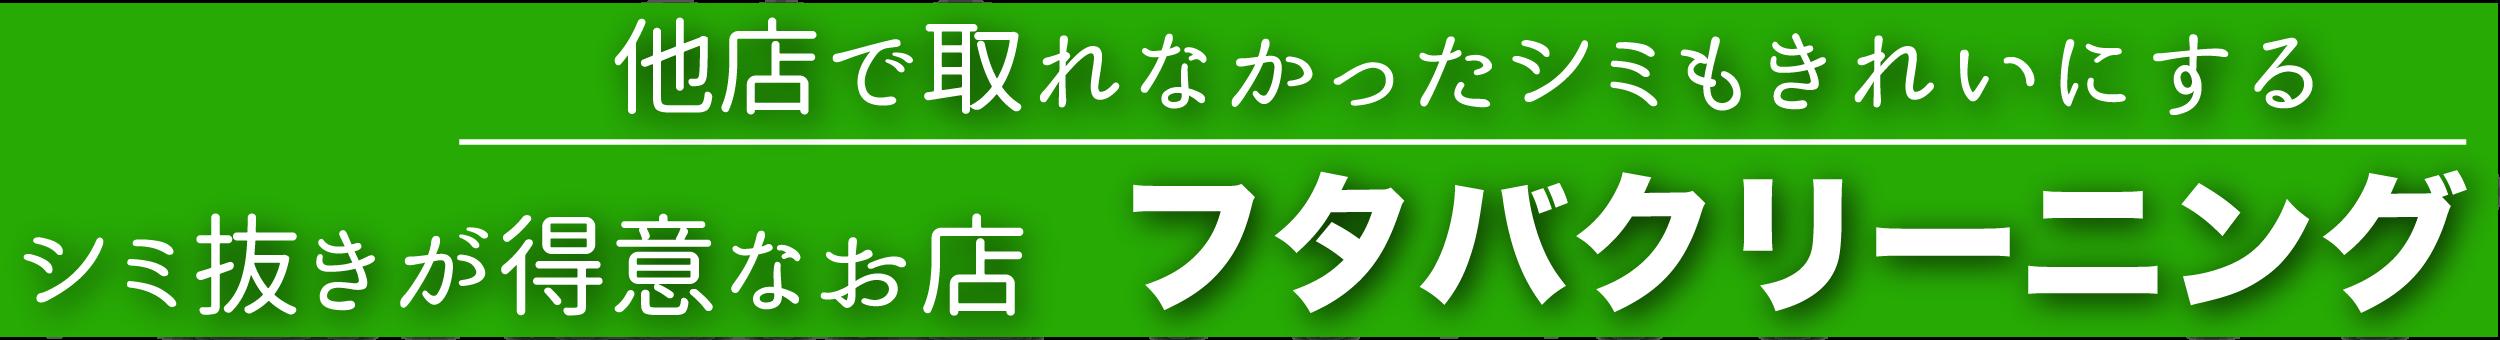 千葉・旭市:シミ抜きとクリーニングの専門店フタバ